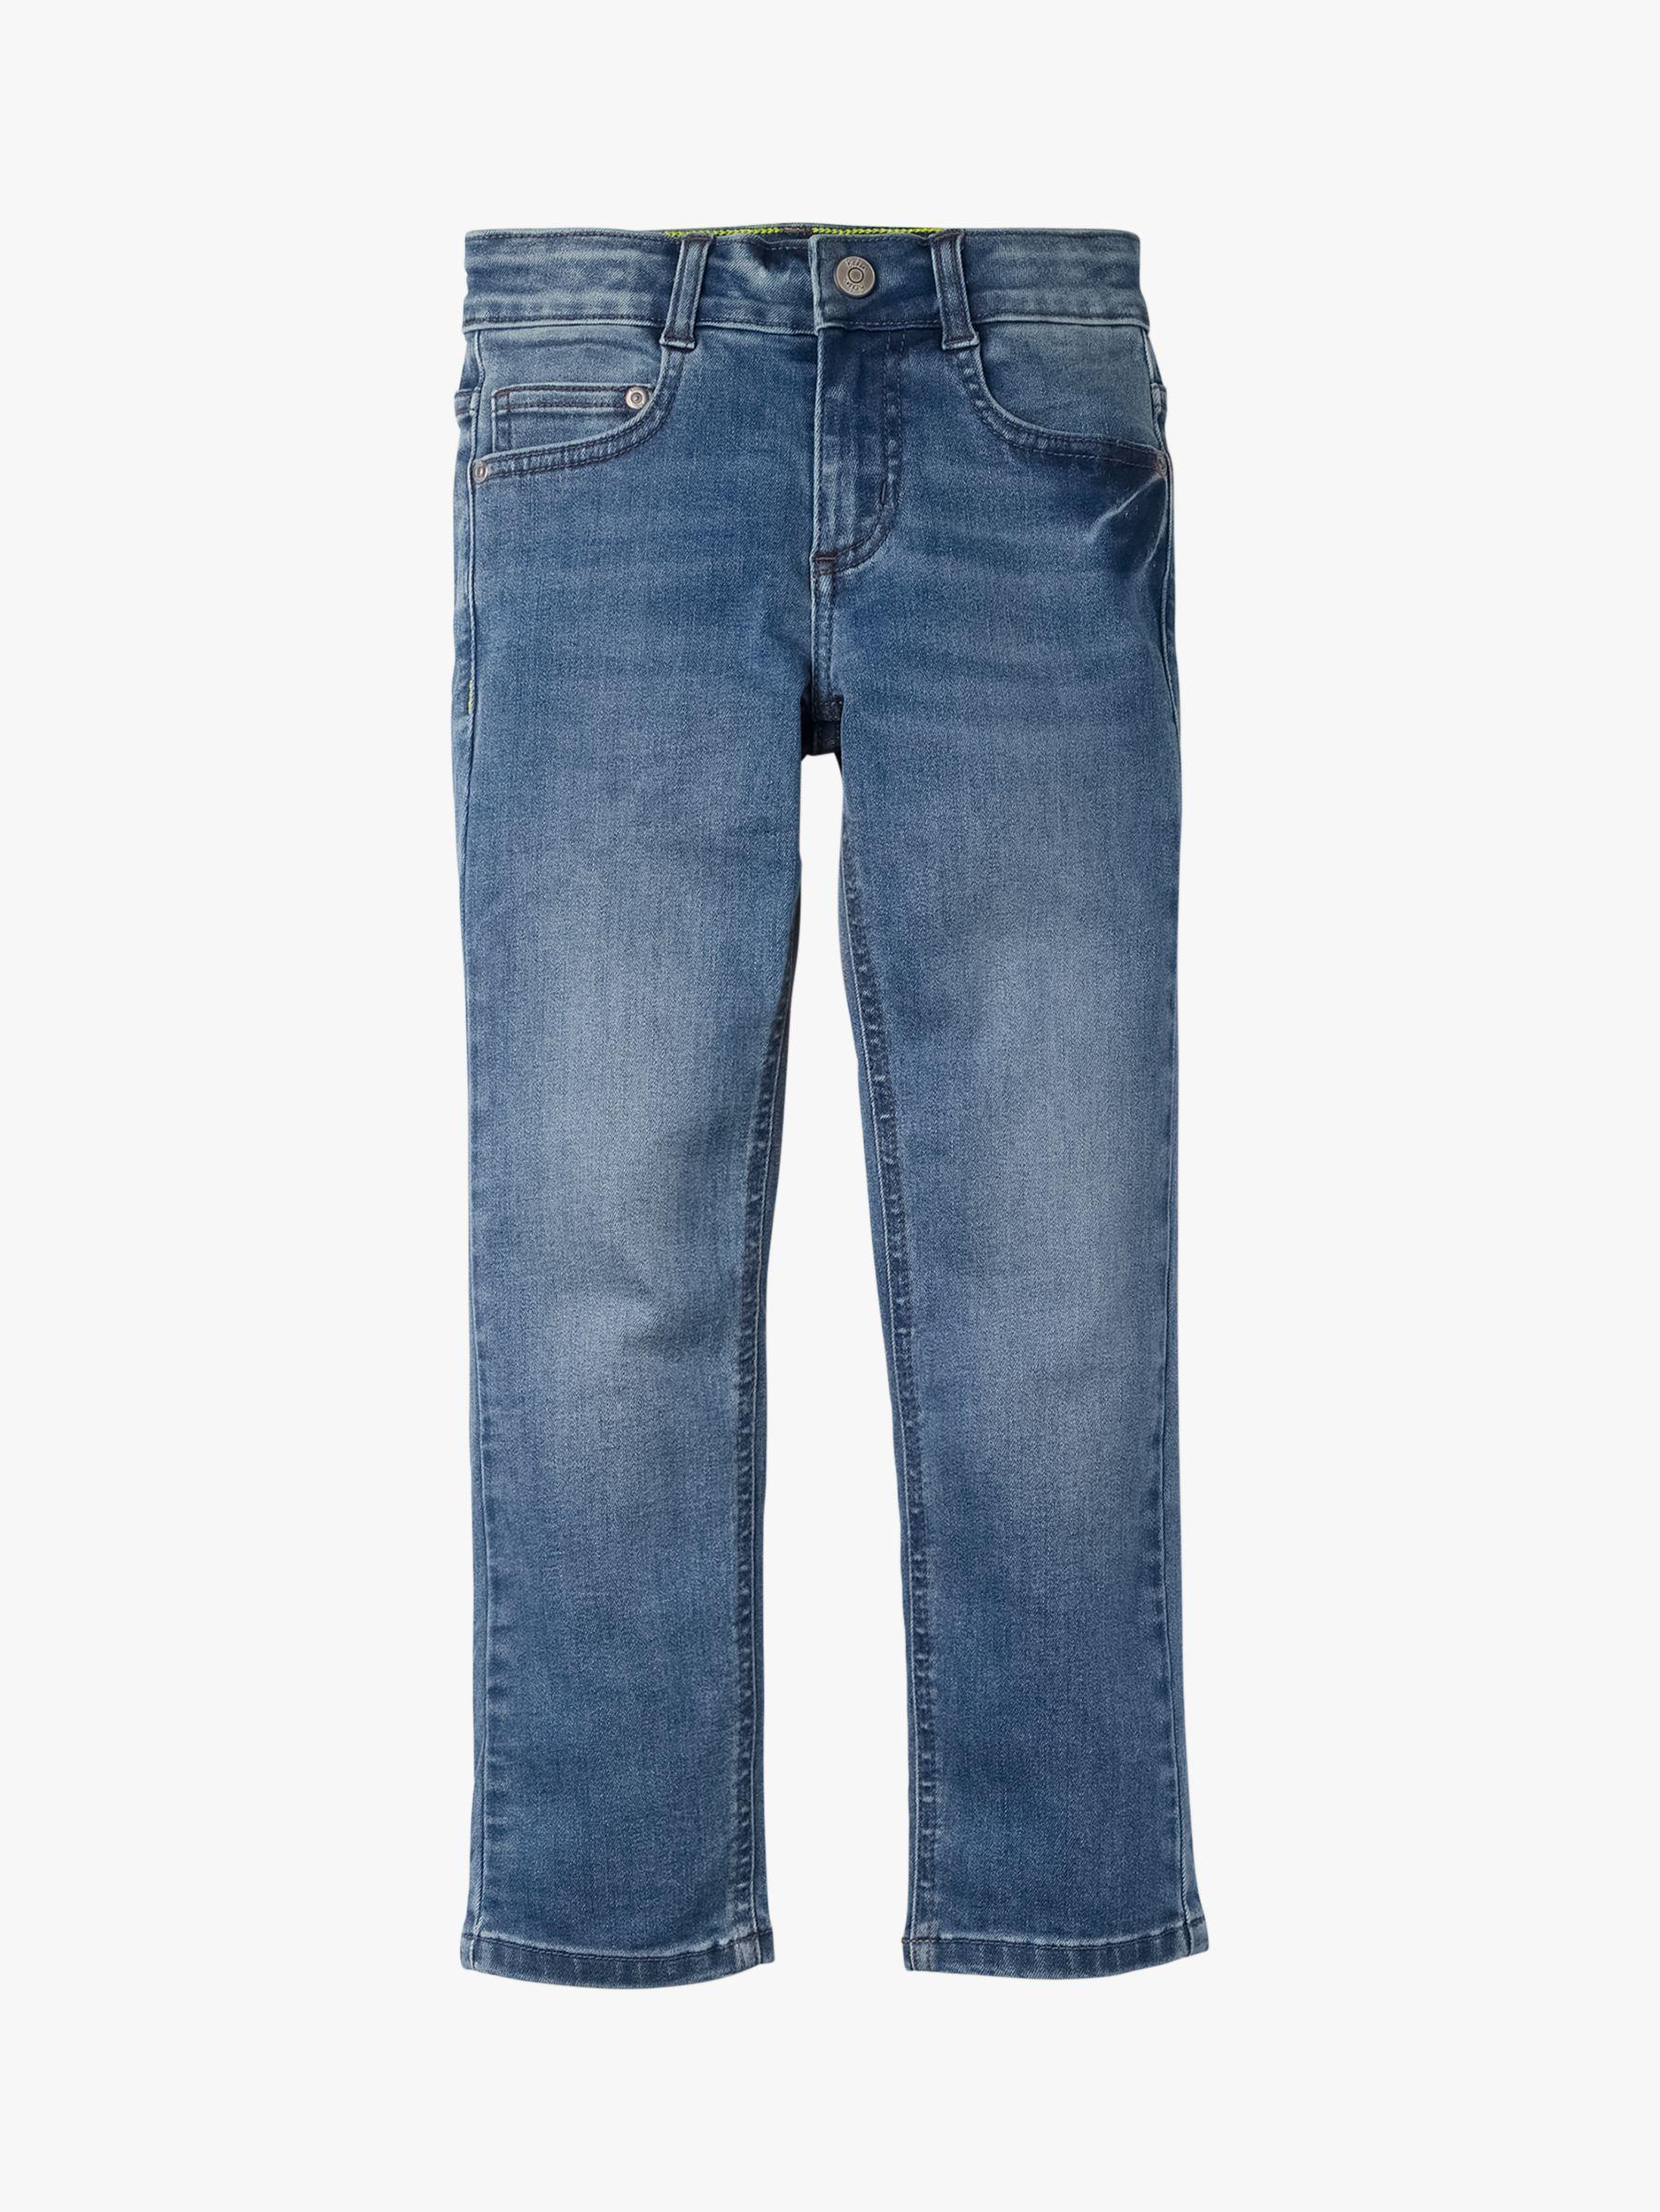 Mini Boden Mini Boden Boys' Adventure Flex Slim Fit Jeans, Mid Vintage Blue